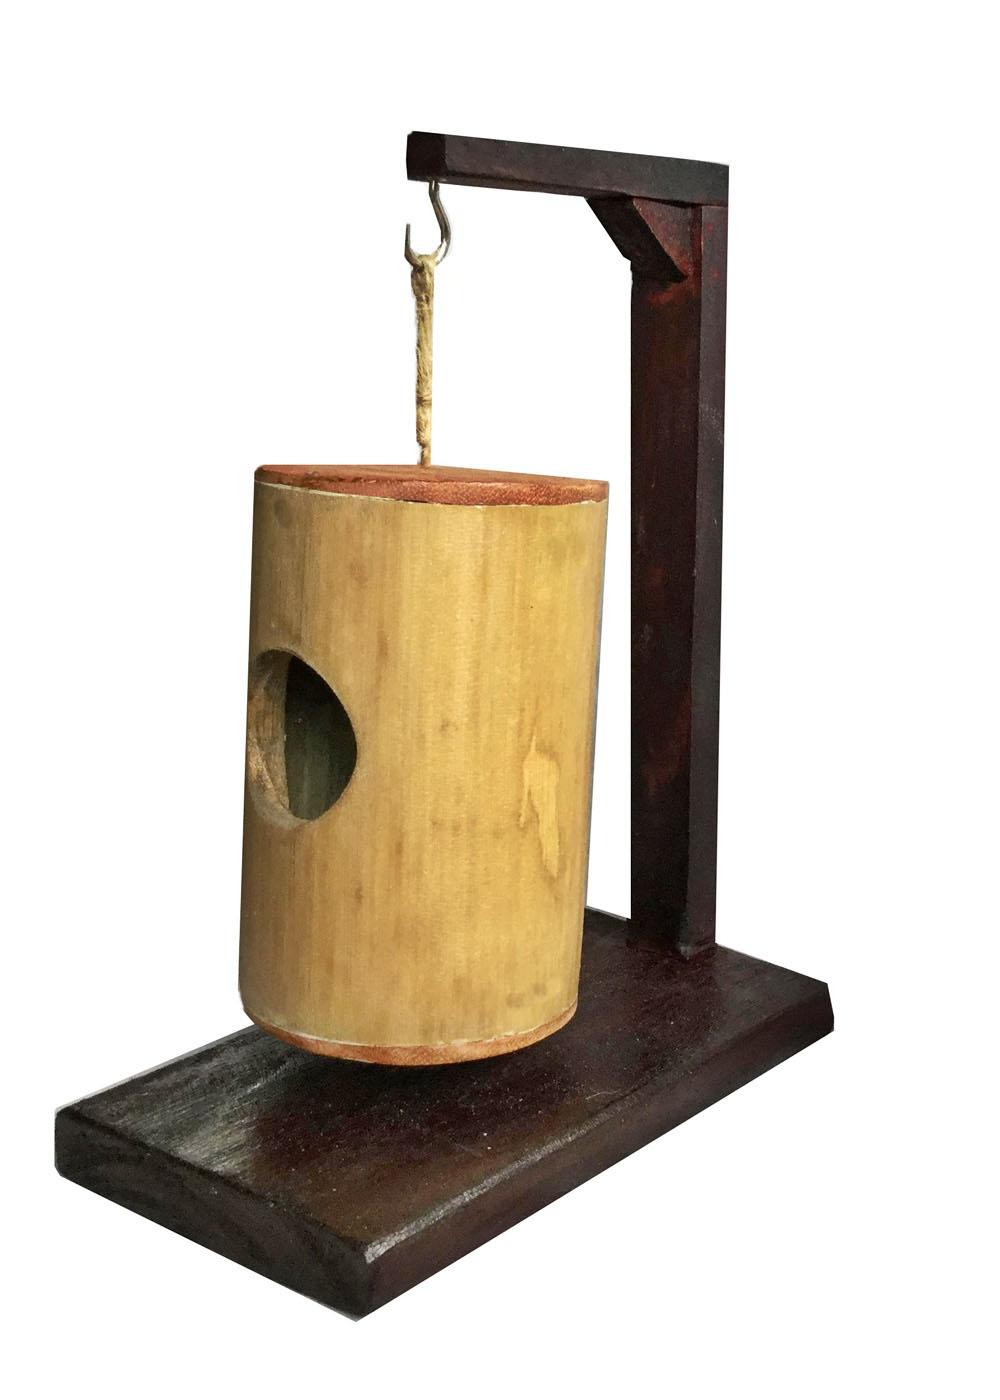 K'DAUZ กระถางต้นไม้ อุปกรณ์ใส่เครื่องเขียน สำหรับตกแต่งlสวนหรือโต๊ะทำงาน